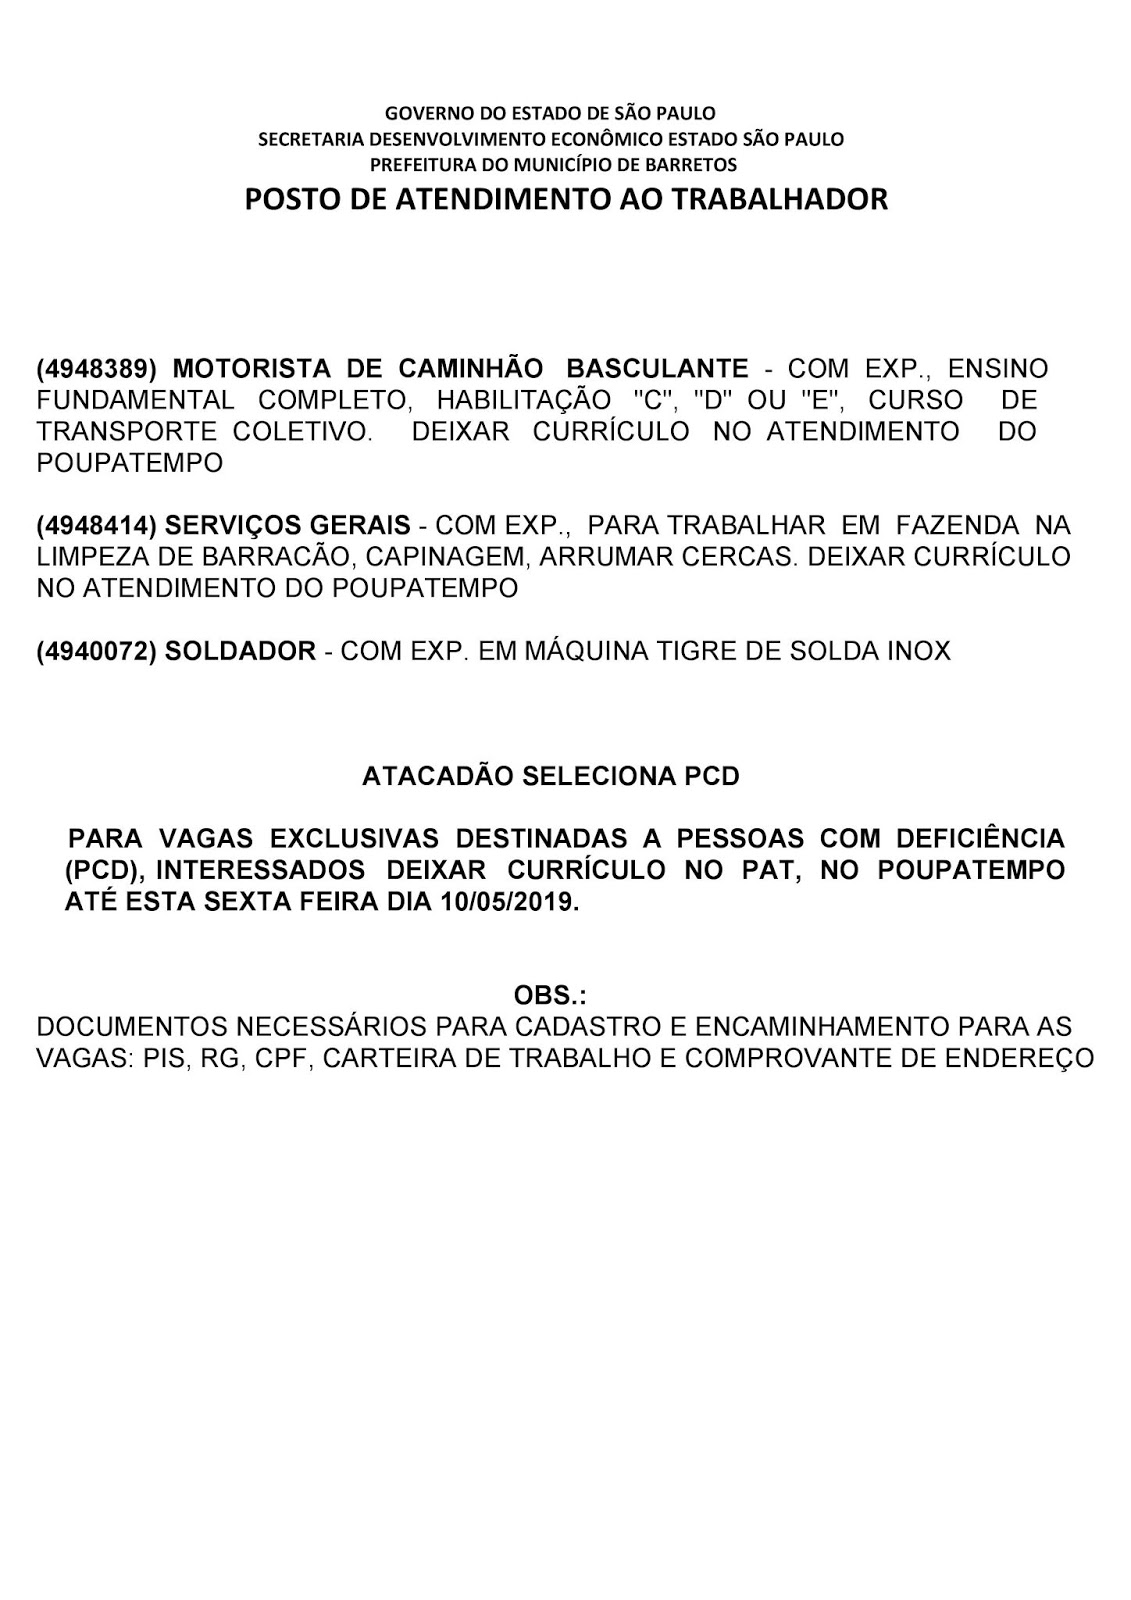 VAGAS DE EMPREGO DO PAT BARRETOS-SP PARA 10/05/2019 SEXTA-FEIRA - PAG. 2